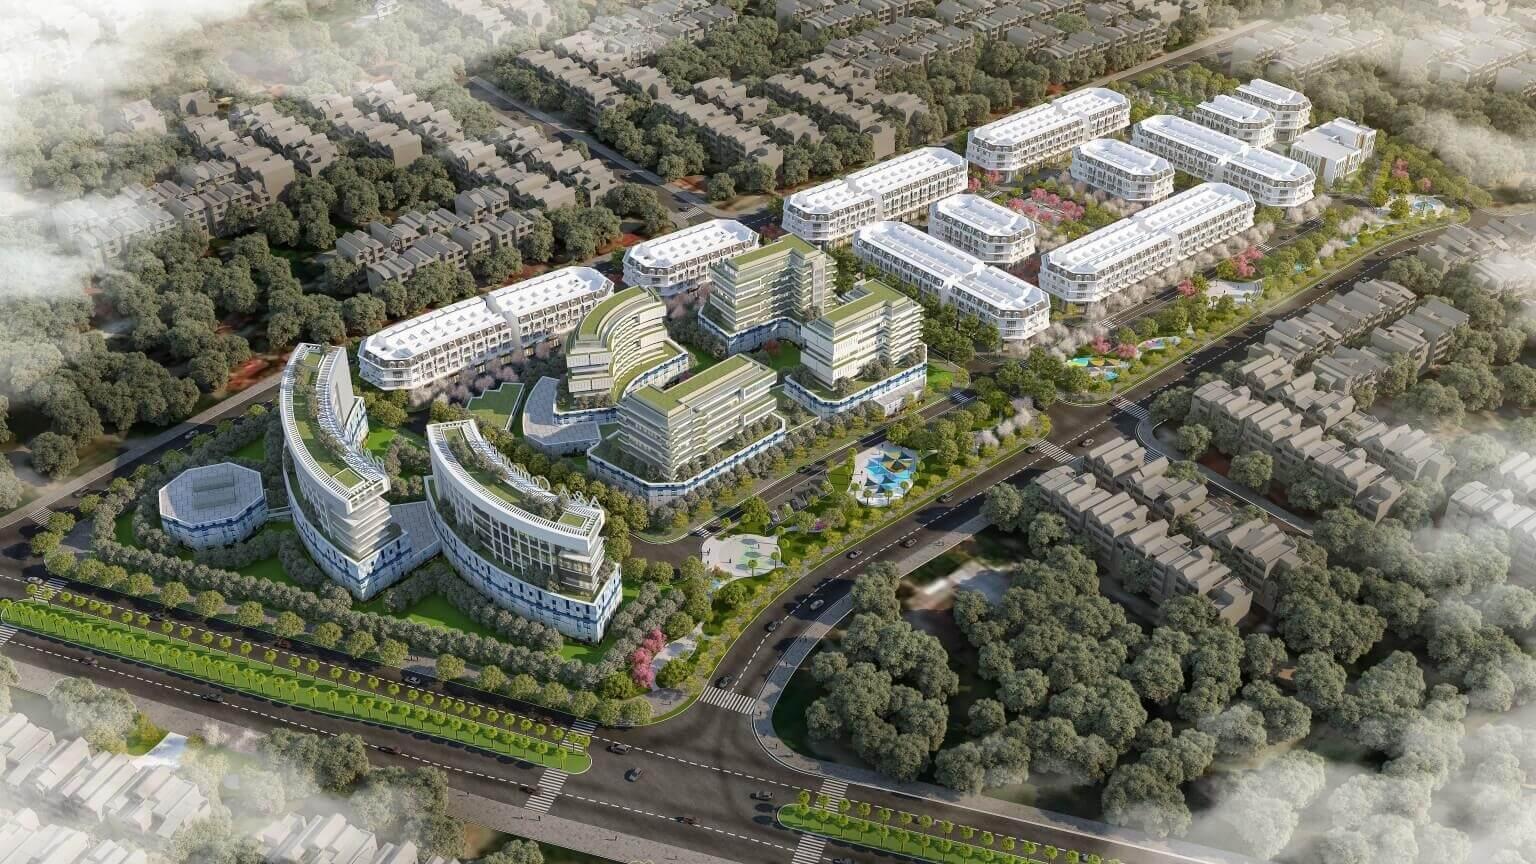 Phối cảnh tổng thể dự án biệt thự, liền kề Calyx Residence.